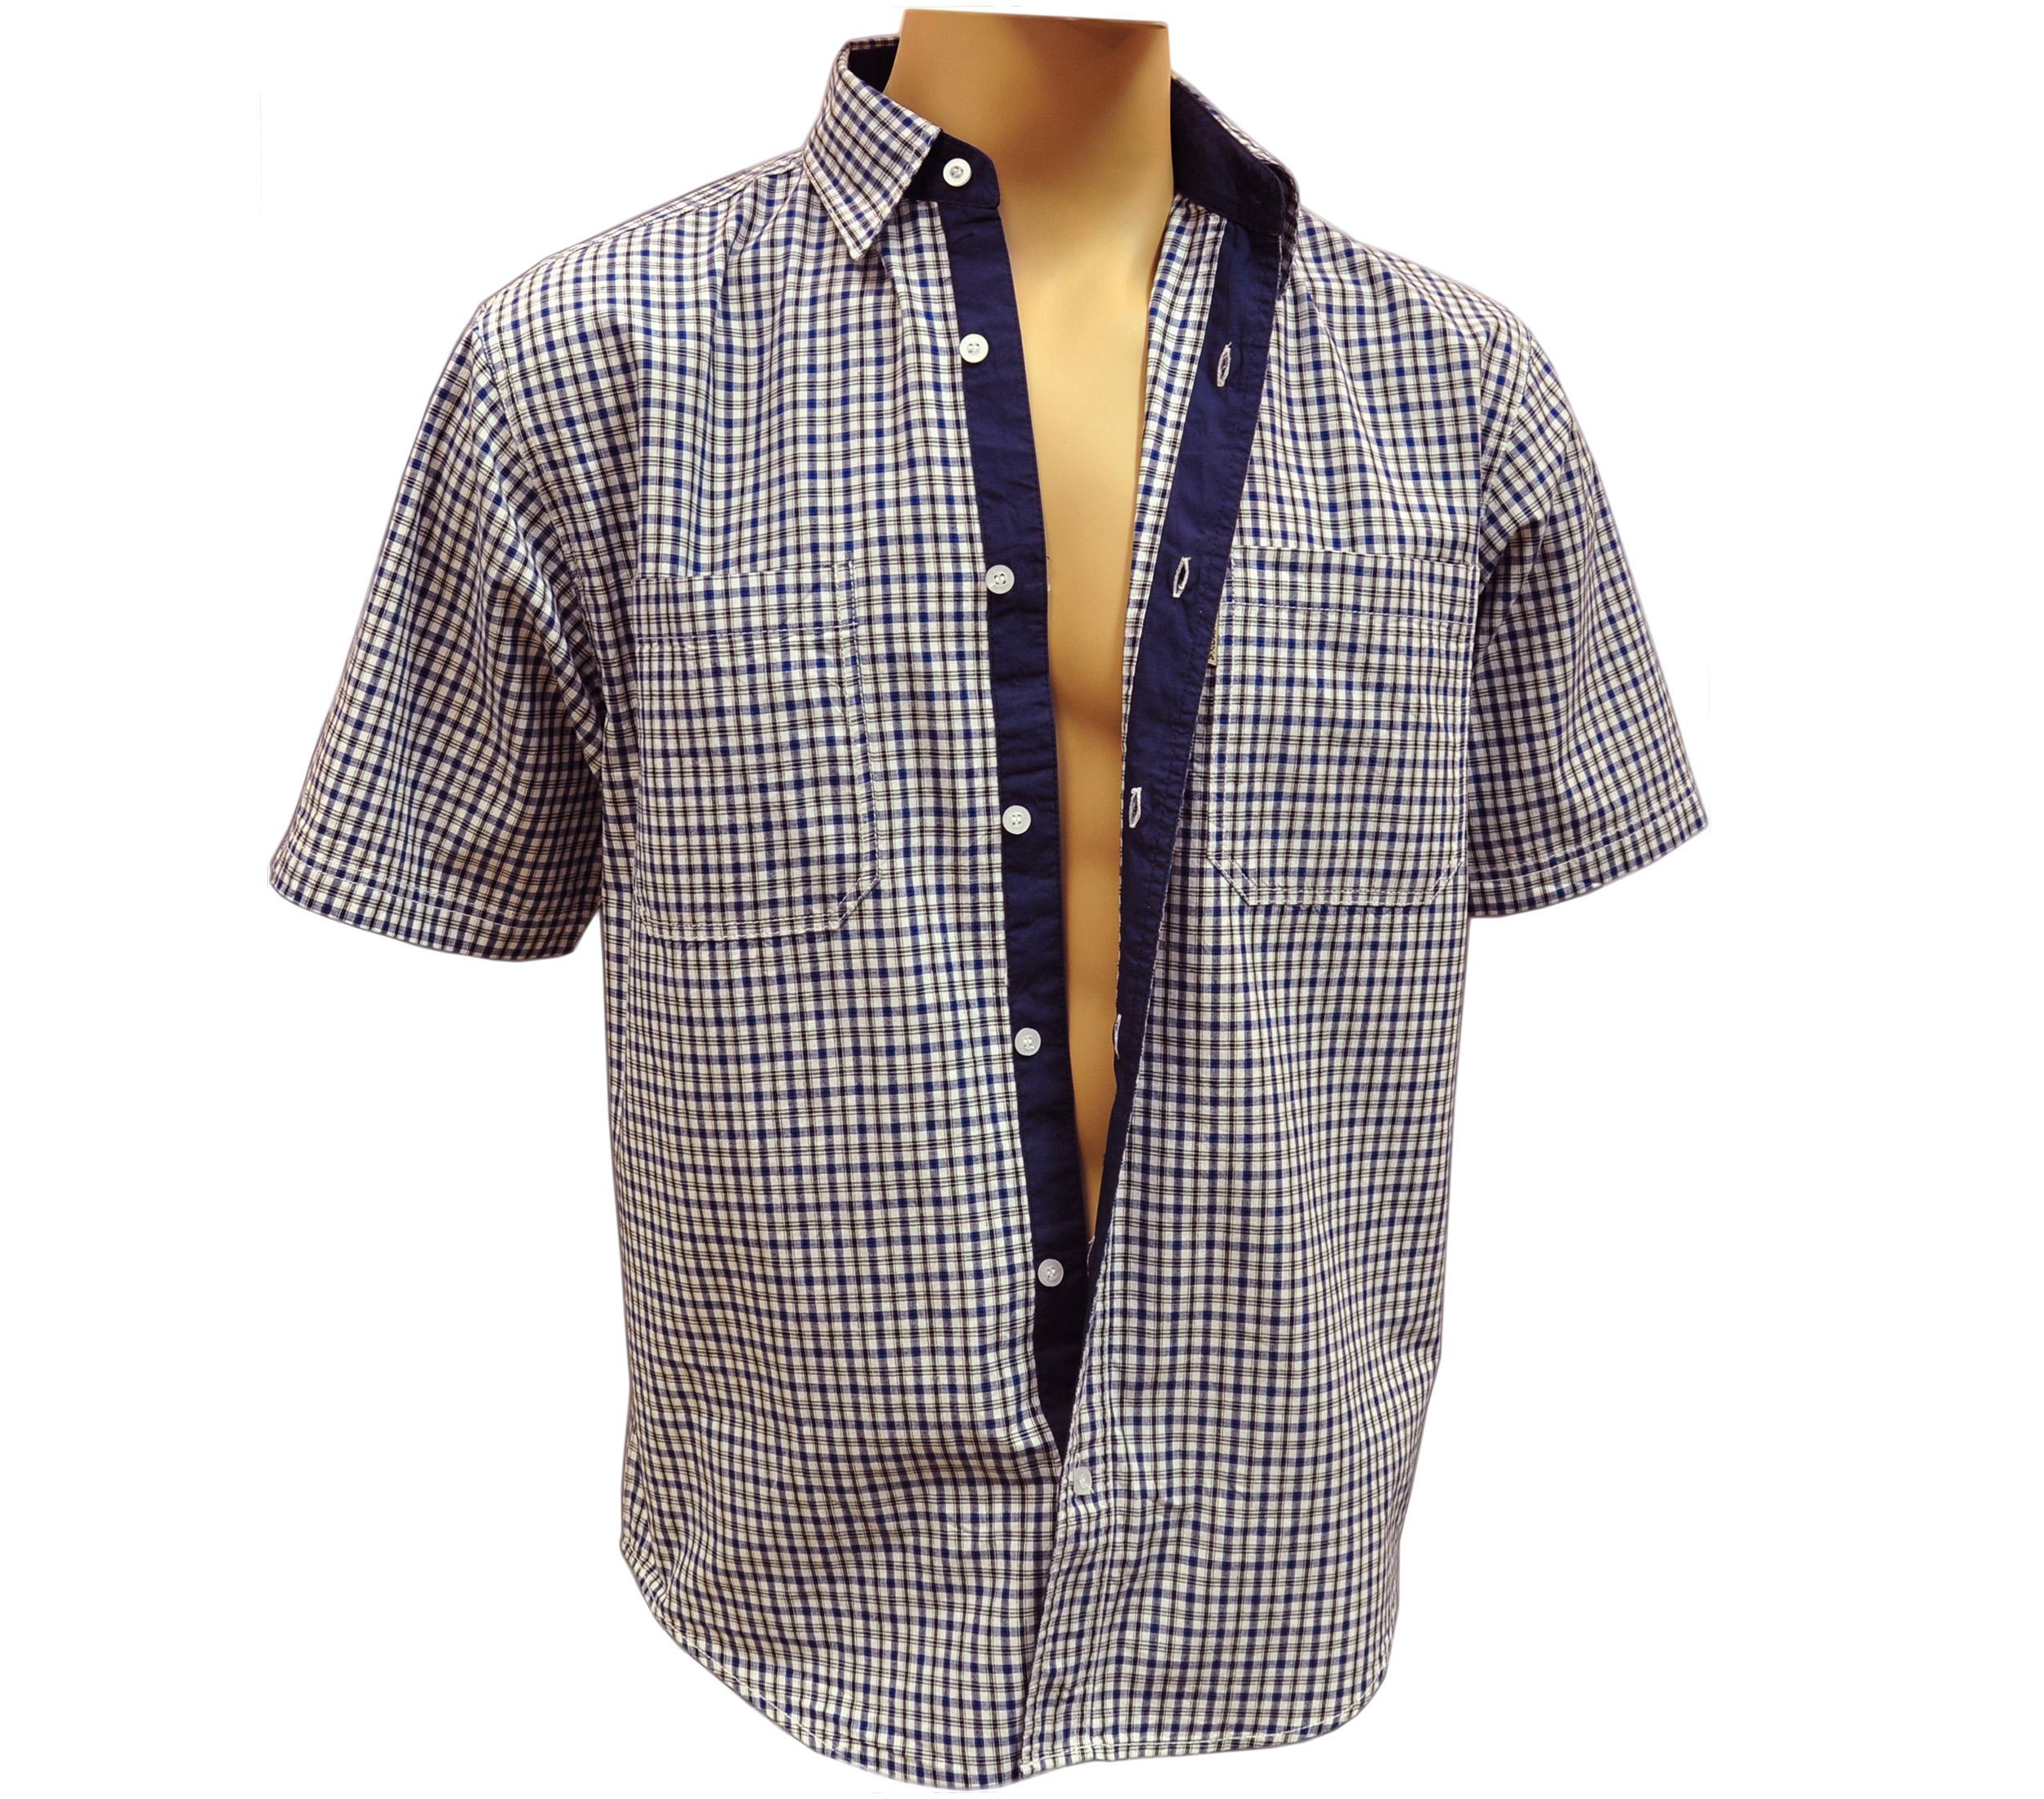 Мужская рубашка в мелкую сине белую клетку. Модель G комбинированная